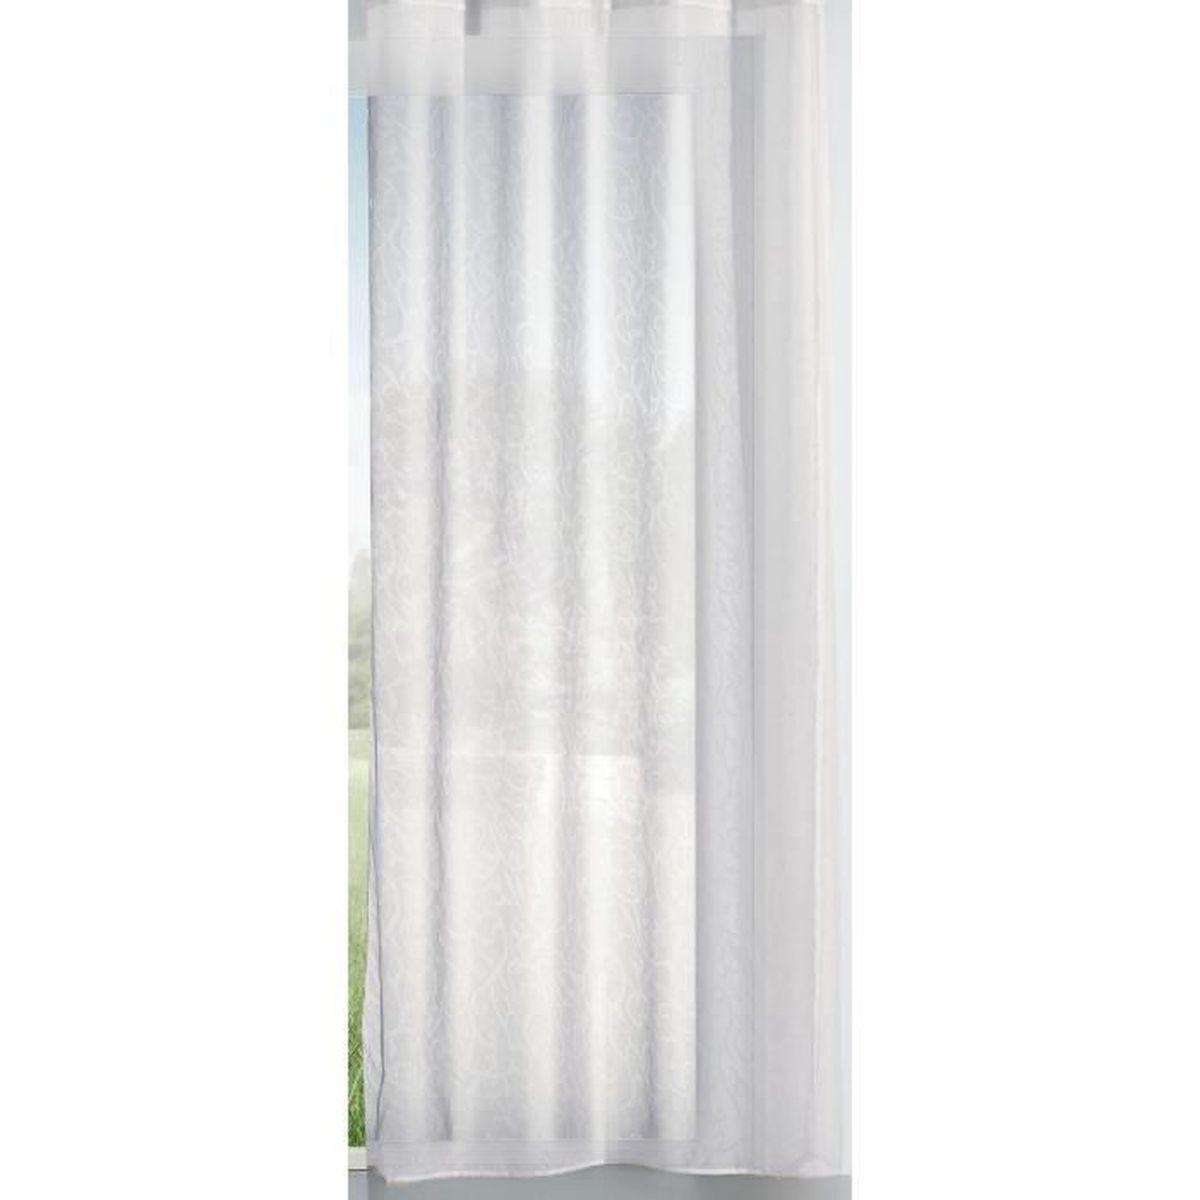 Cutogain microfibre de voiture r/étractable Cire Balai brosse de nettoyage ronde Plumeau Outil de d/époussi/érage